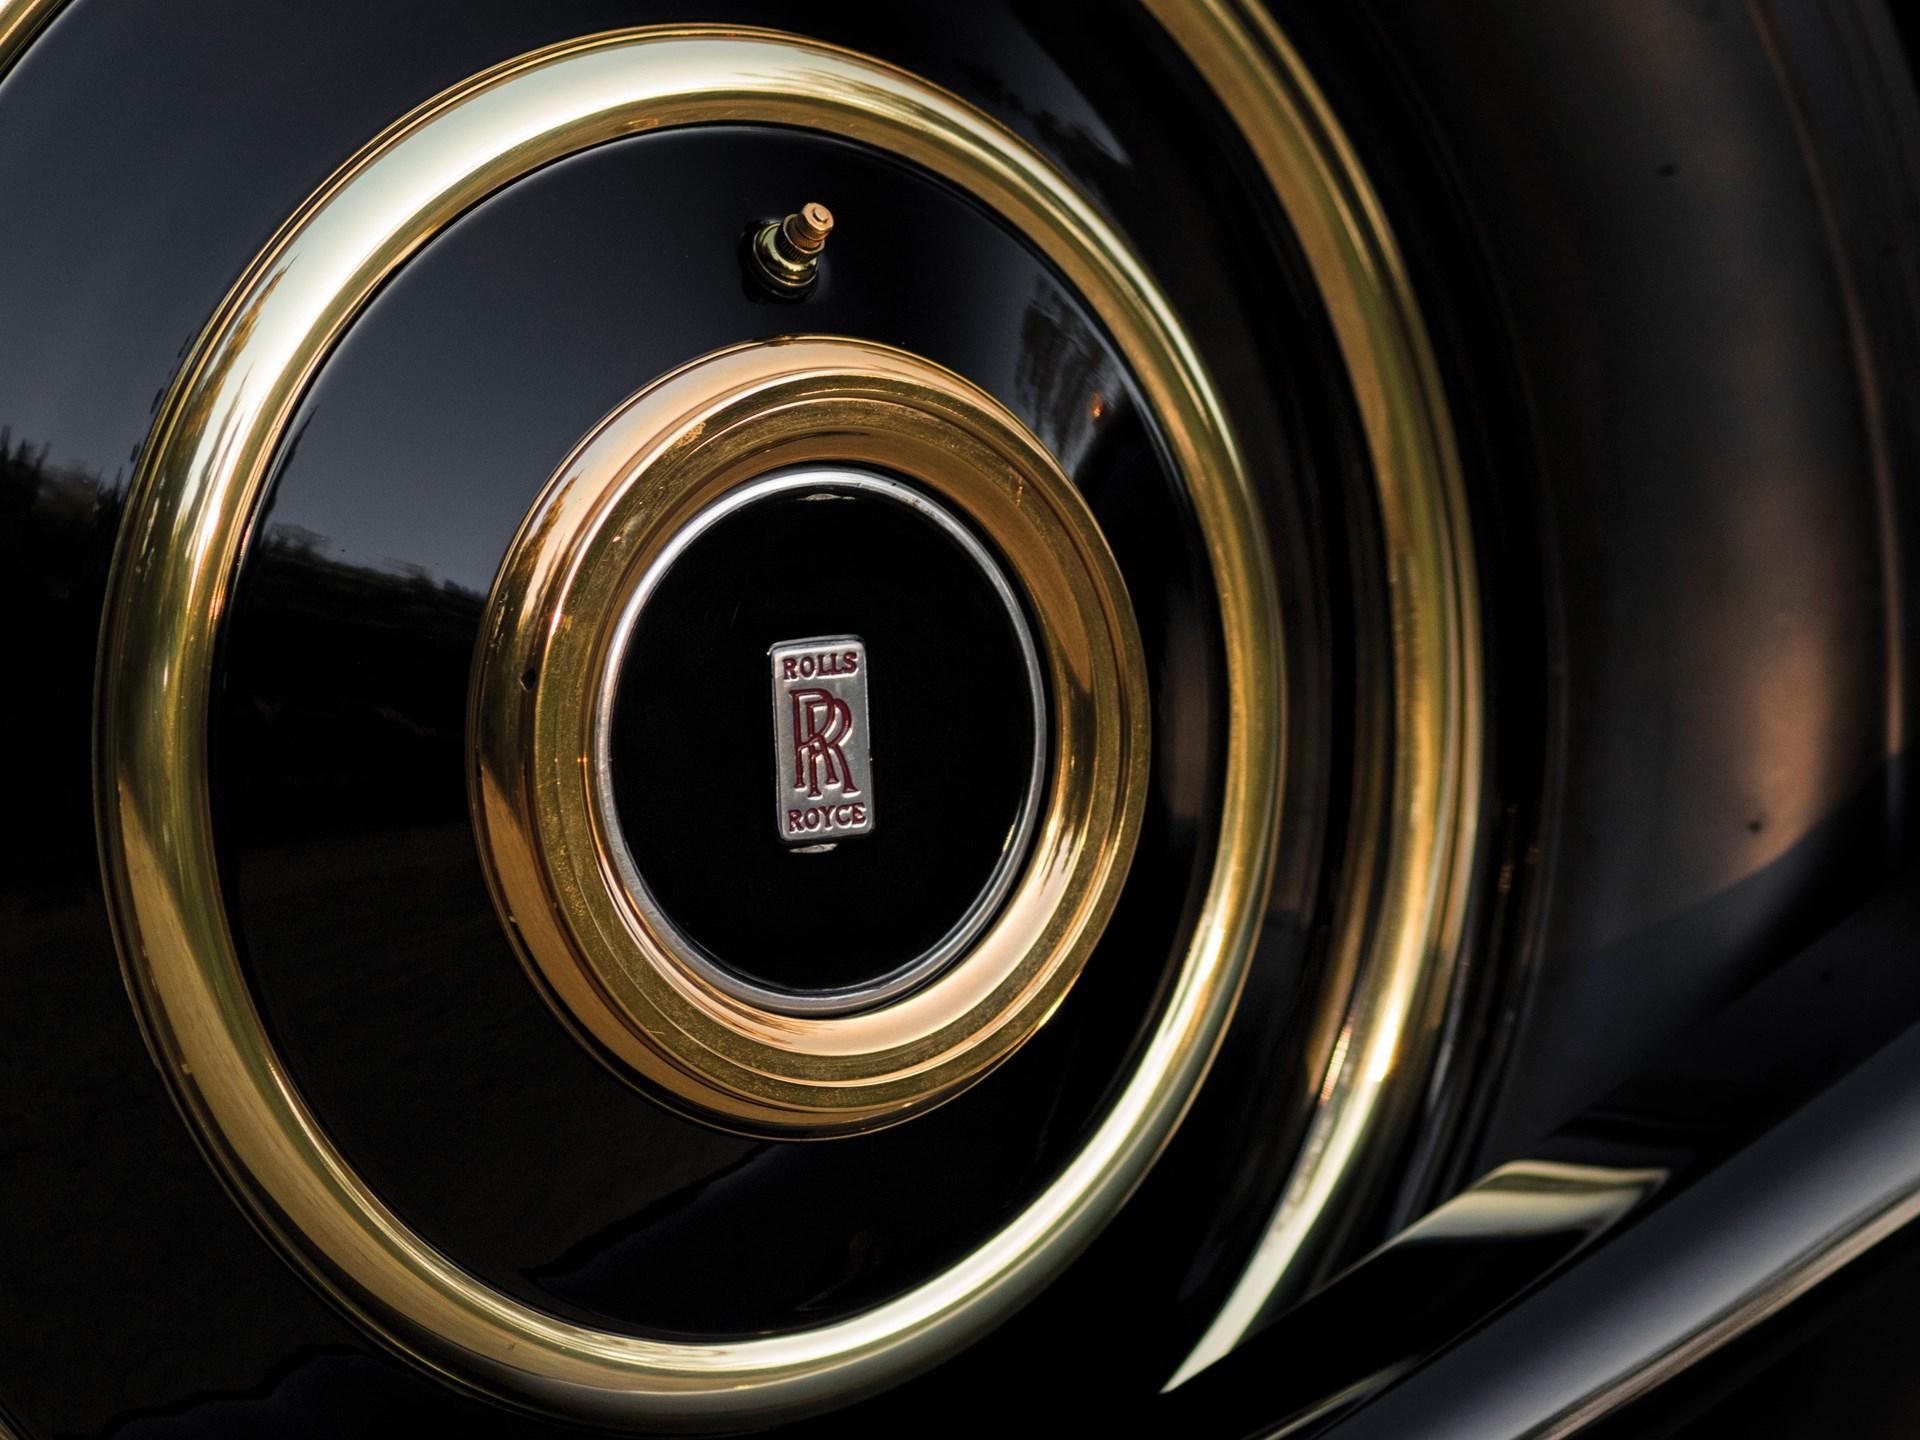 1929 Rolls-Royce Phantom I Riviera Town Car by Brewster